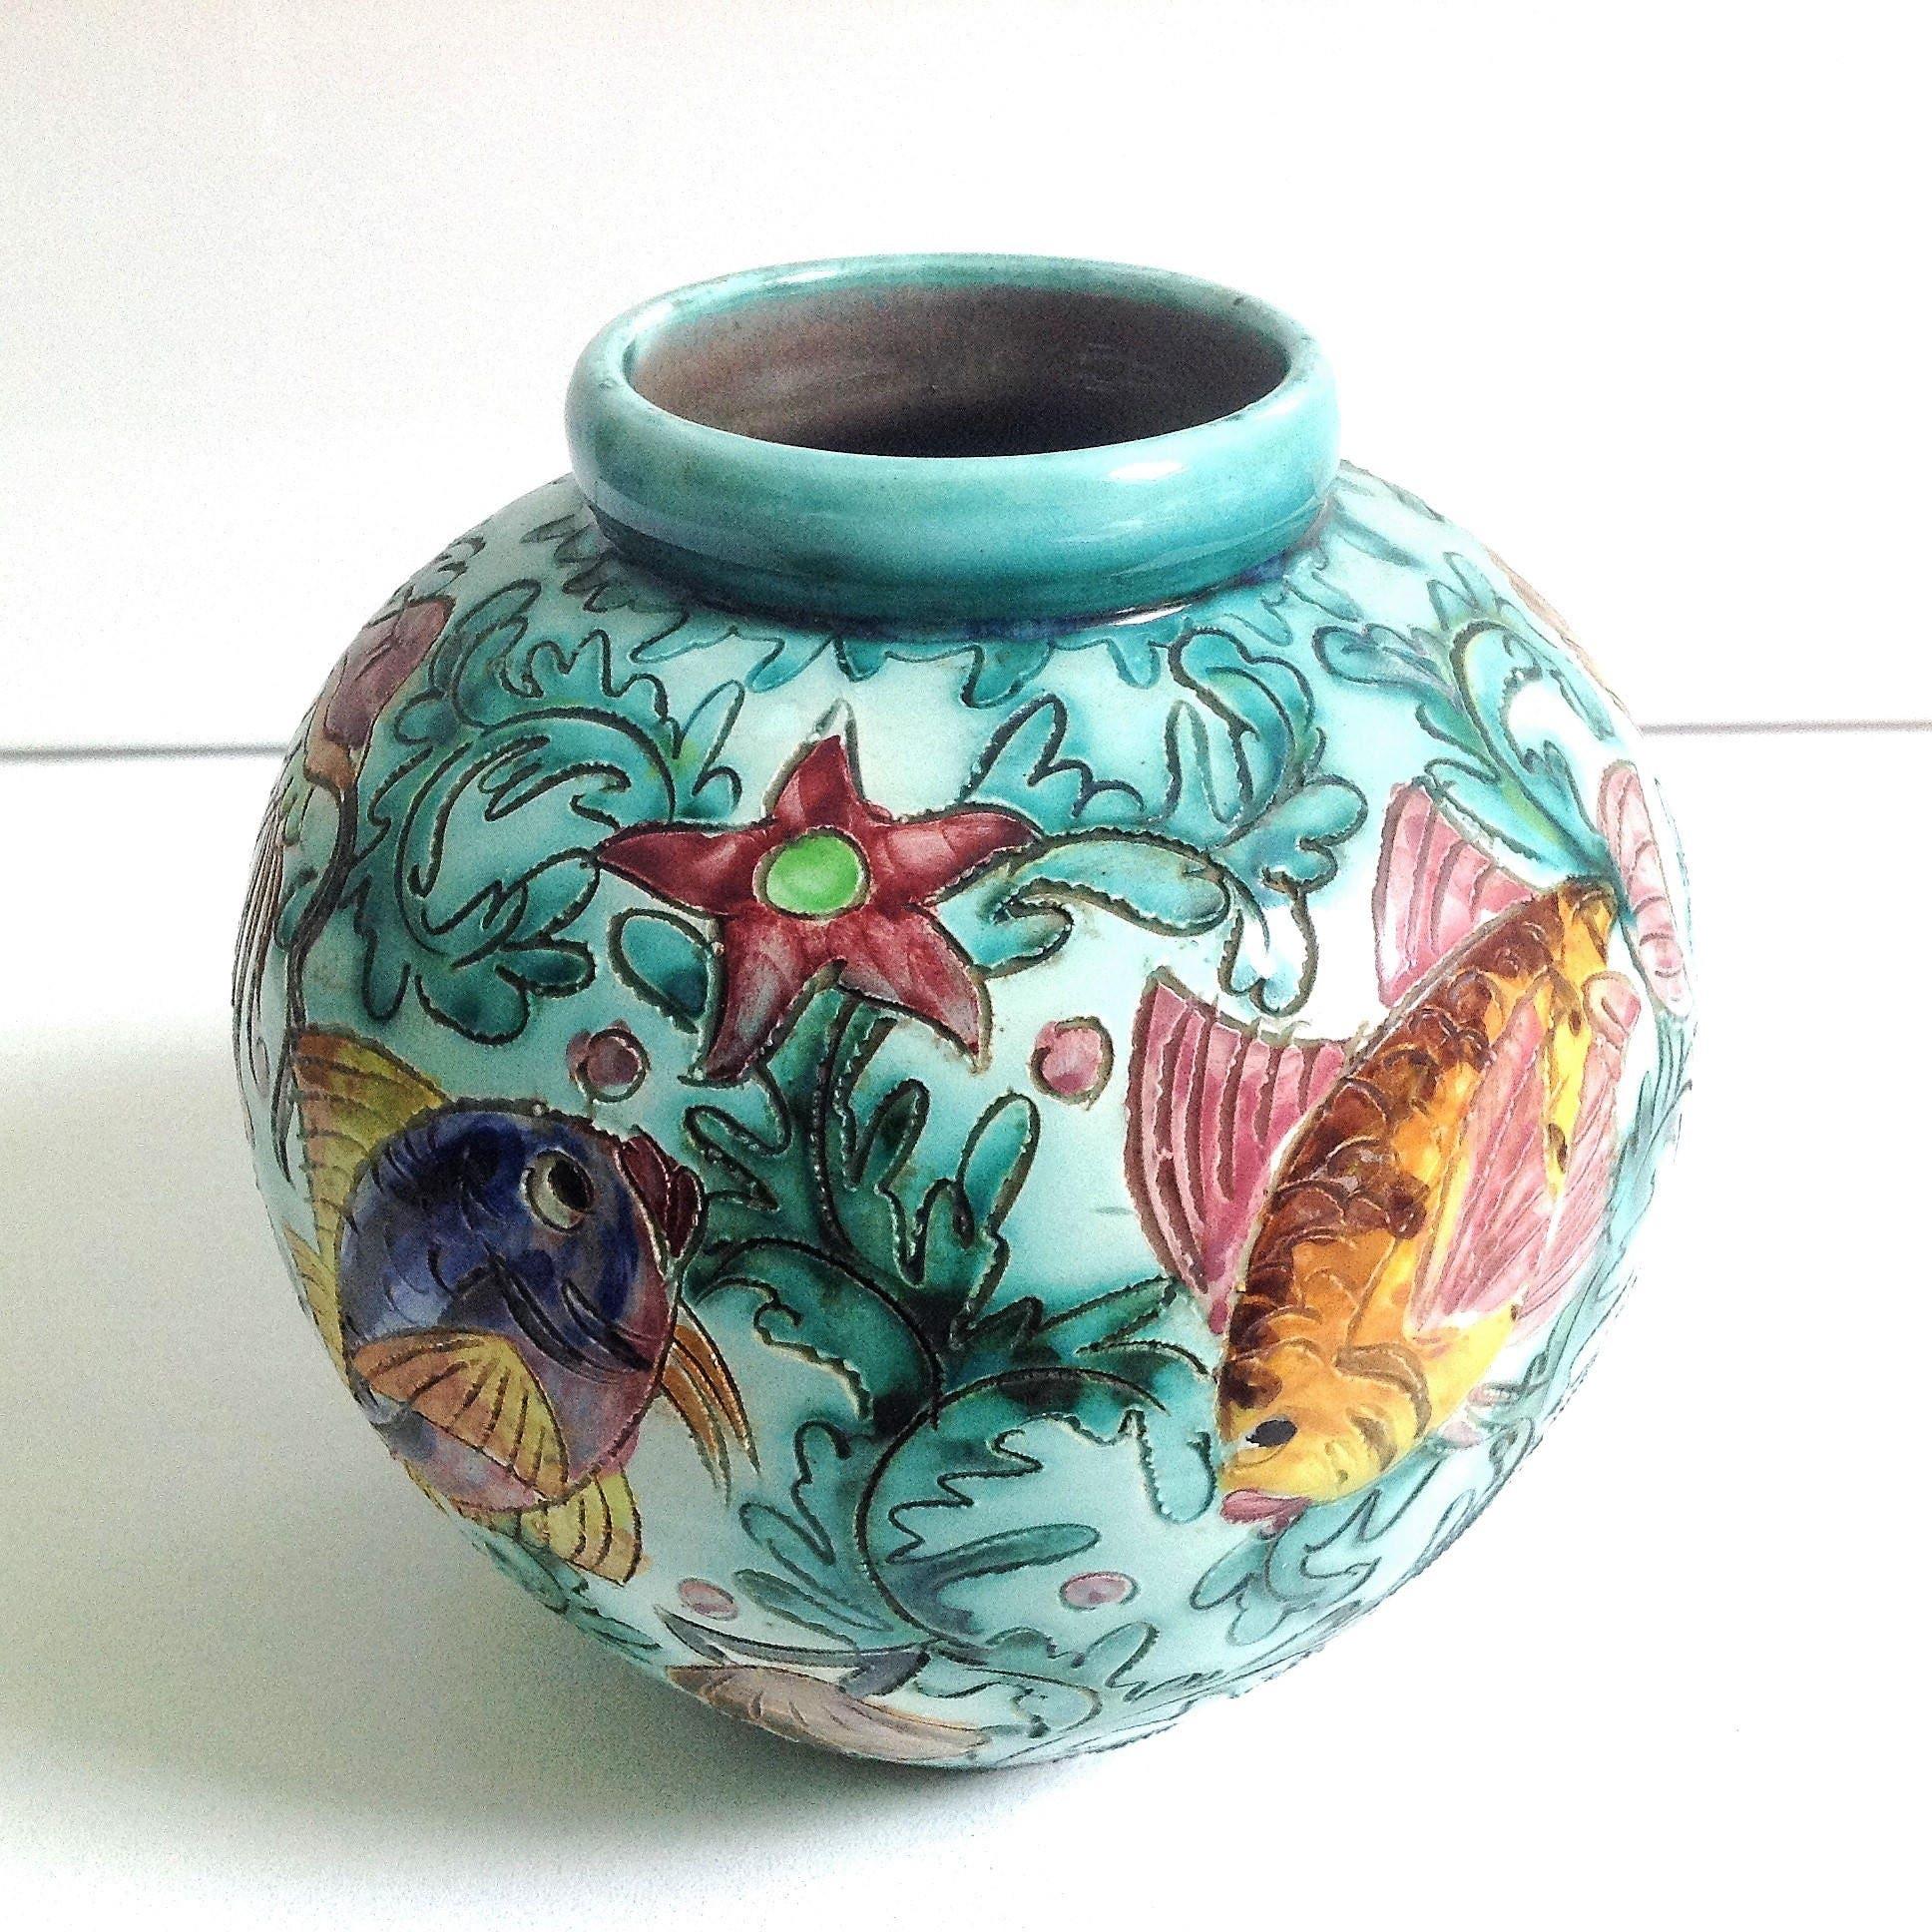 French vintage monaco cerart ceramic vase midcentury vase 1950s french vintage monaco cerart ceramic vase midcentury vase 1950s kitsch vase reviewsmspy